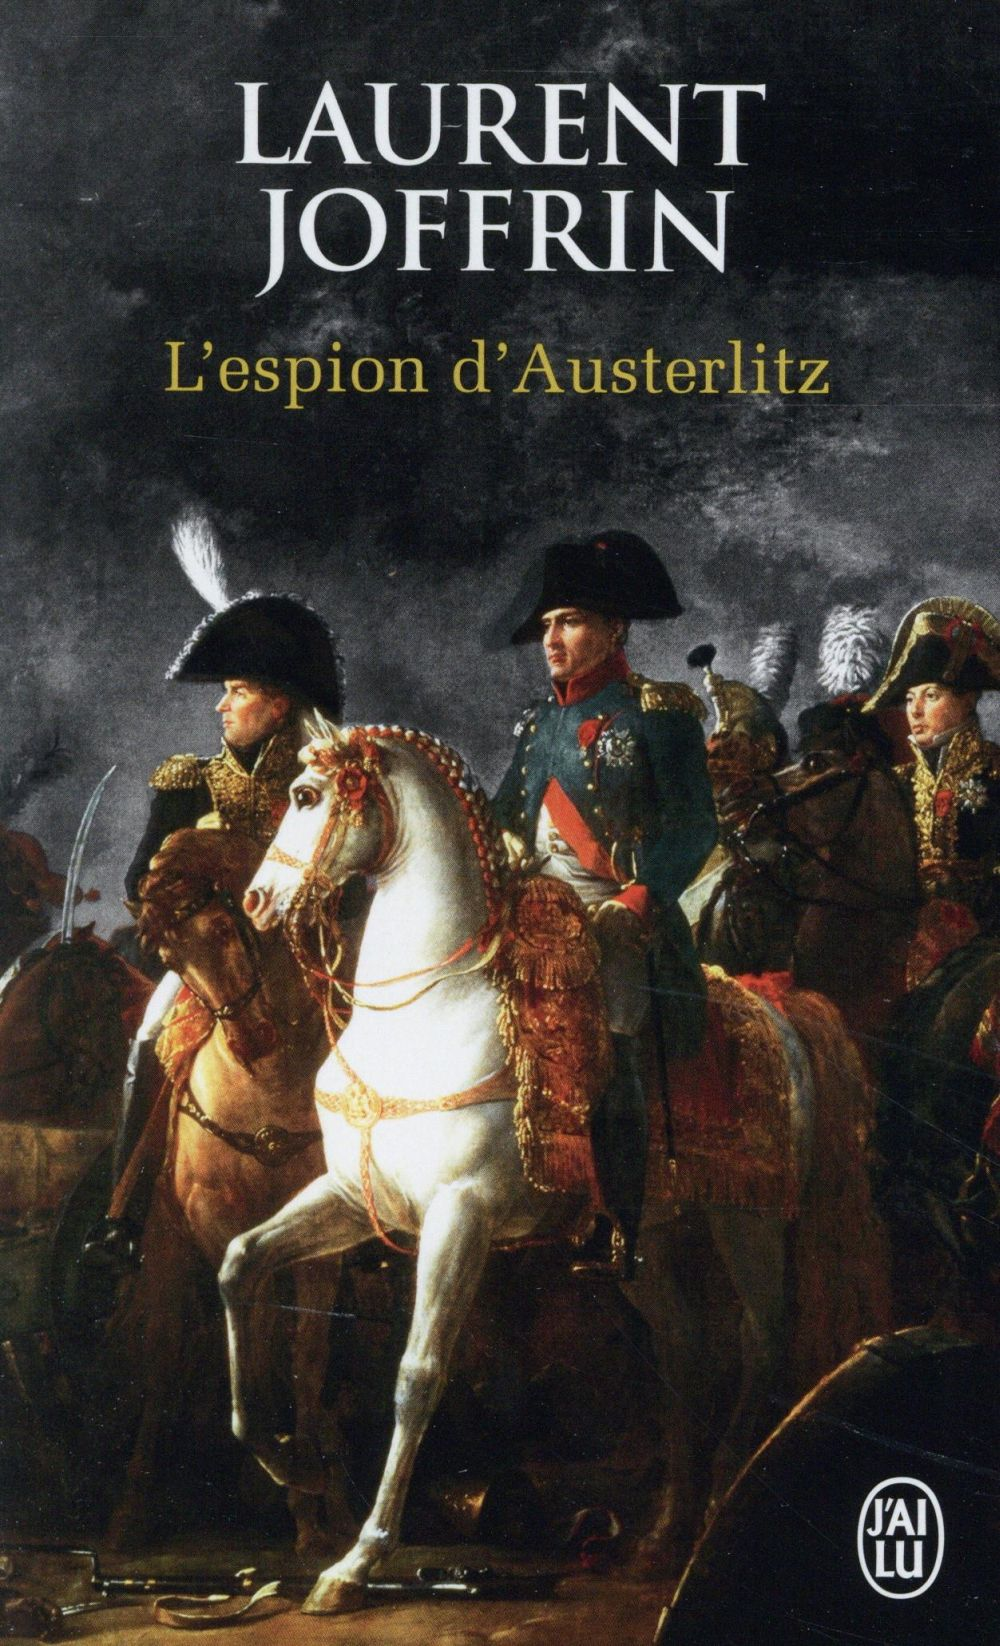 L'espion d'Austerlitz